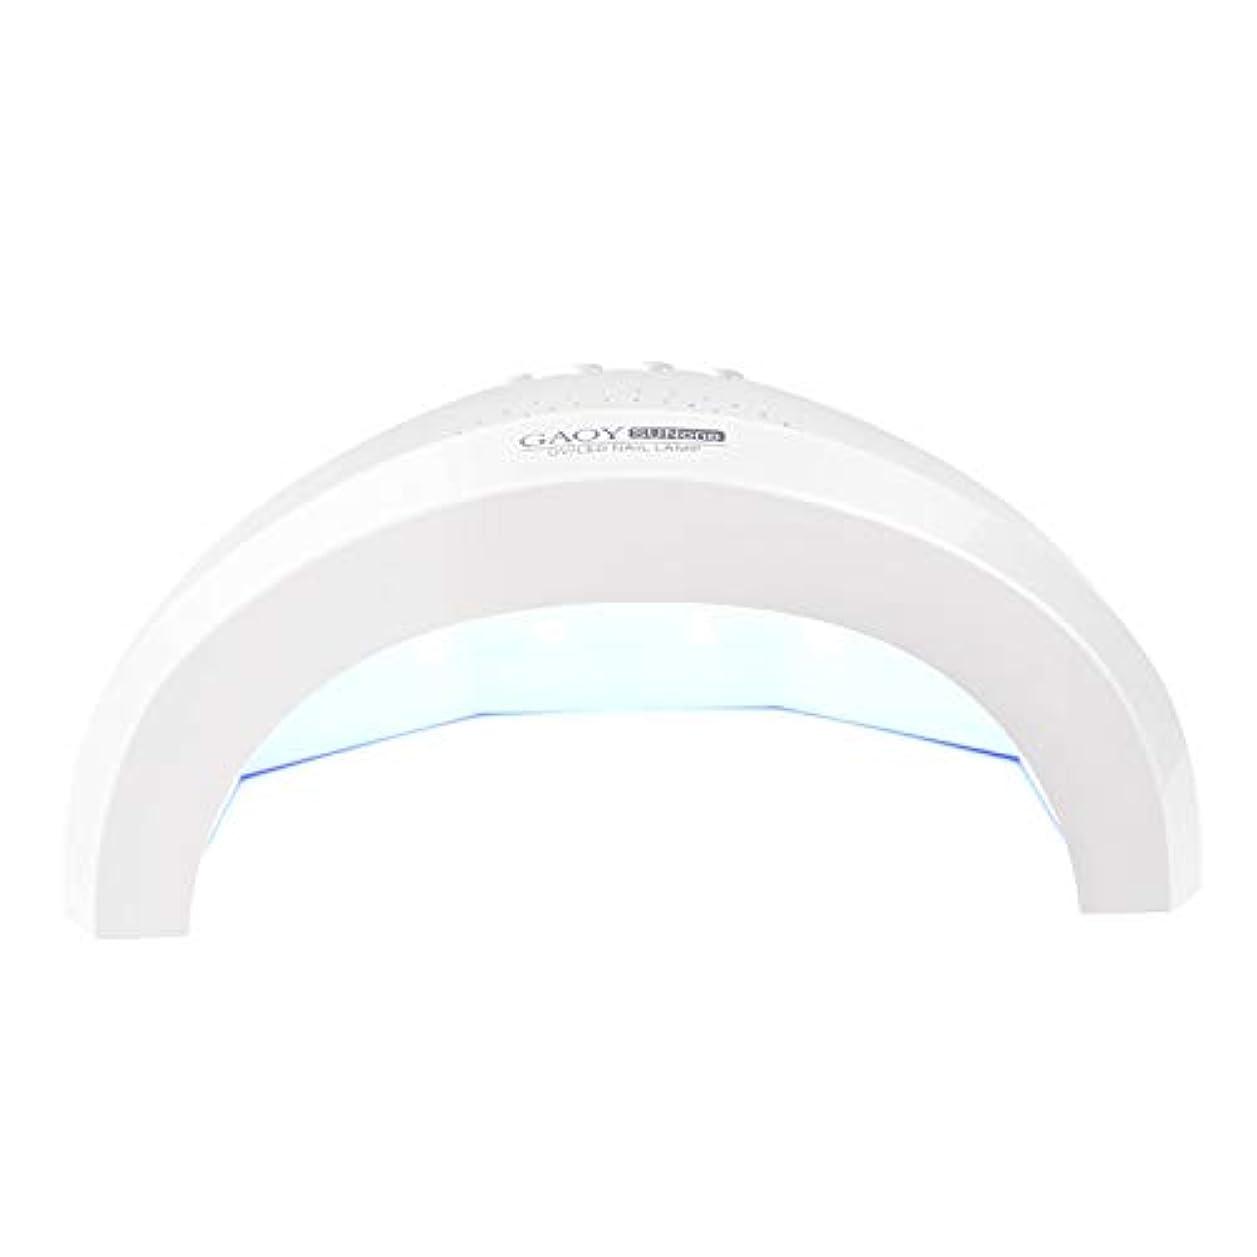 折方法論無視UVネイルジェルネイルライト/ 48Wネイルドライヤー光硬化ランプ付き30ビーズ/タイマー設定/センサー用LED UVジェルネイルポリッシュ